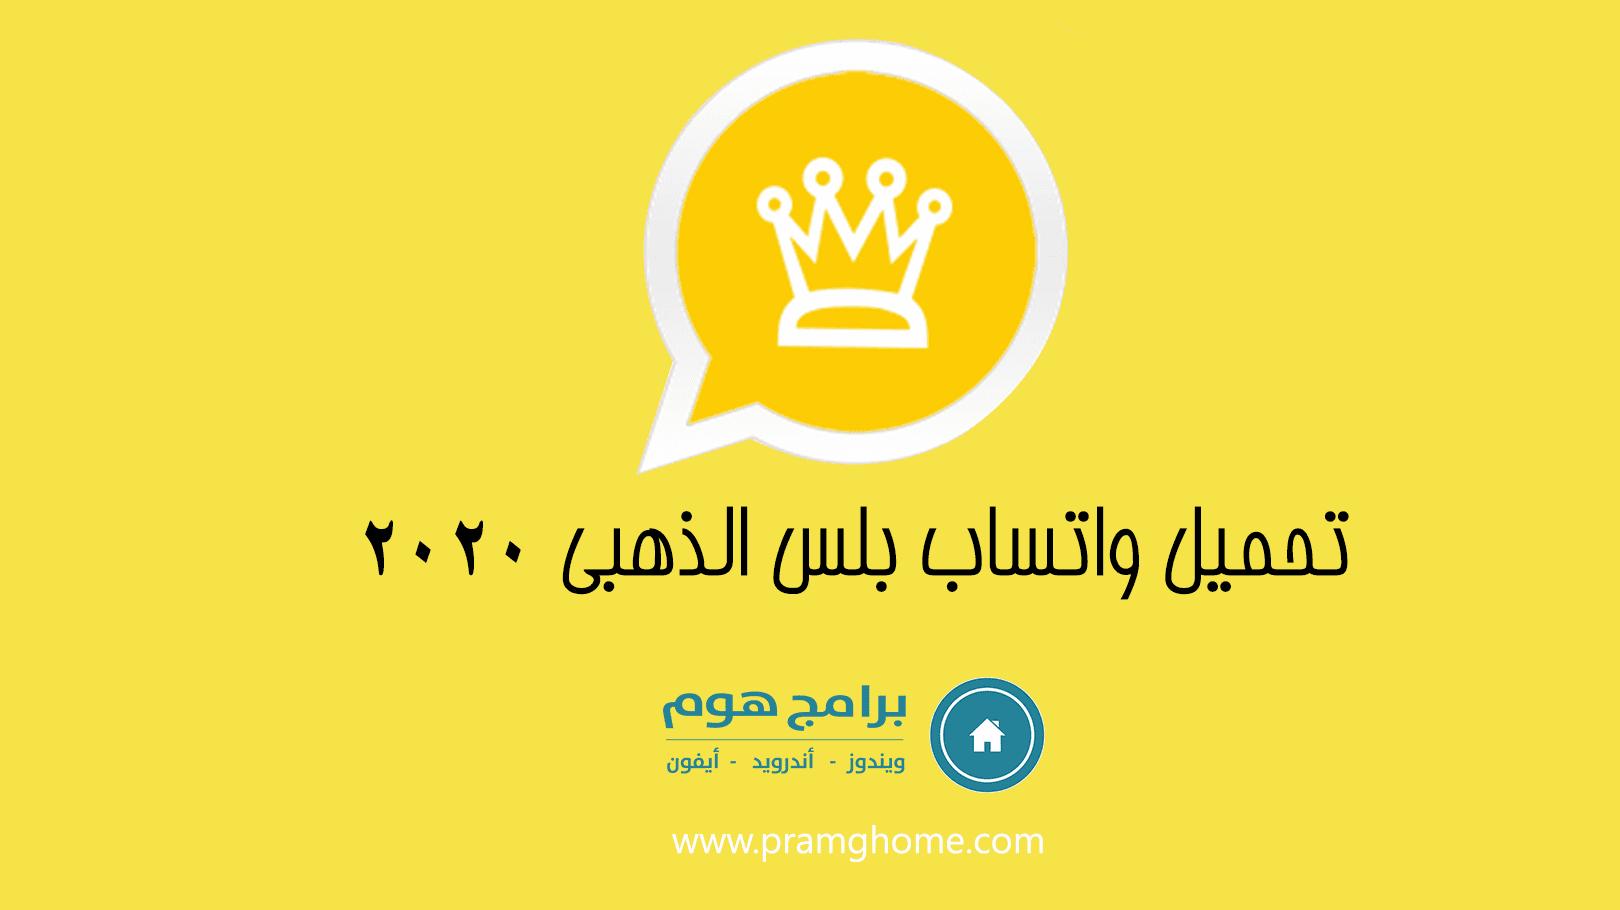 تحميل واتس اب الذهبي بلس ابو عرب 2020 Whatsapp Gold احدث واتساب الذهبي من ميديا فاير Gold